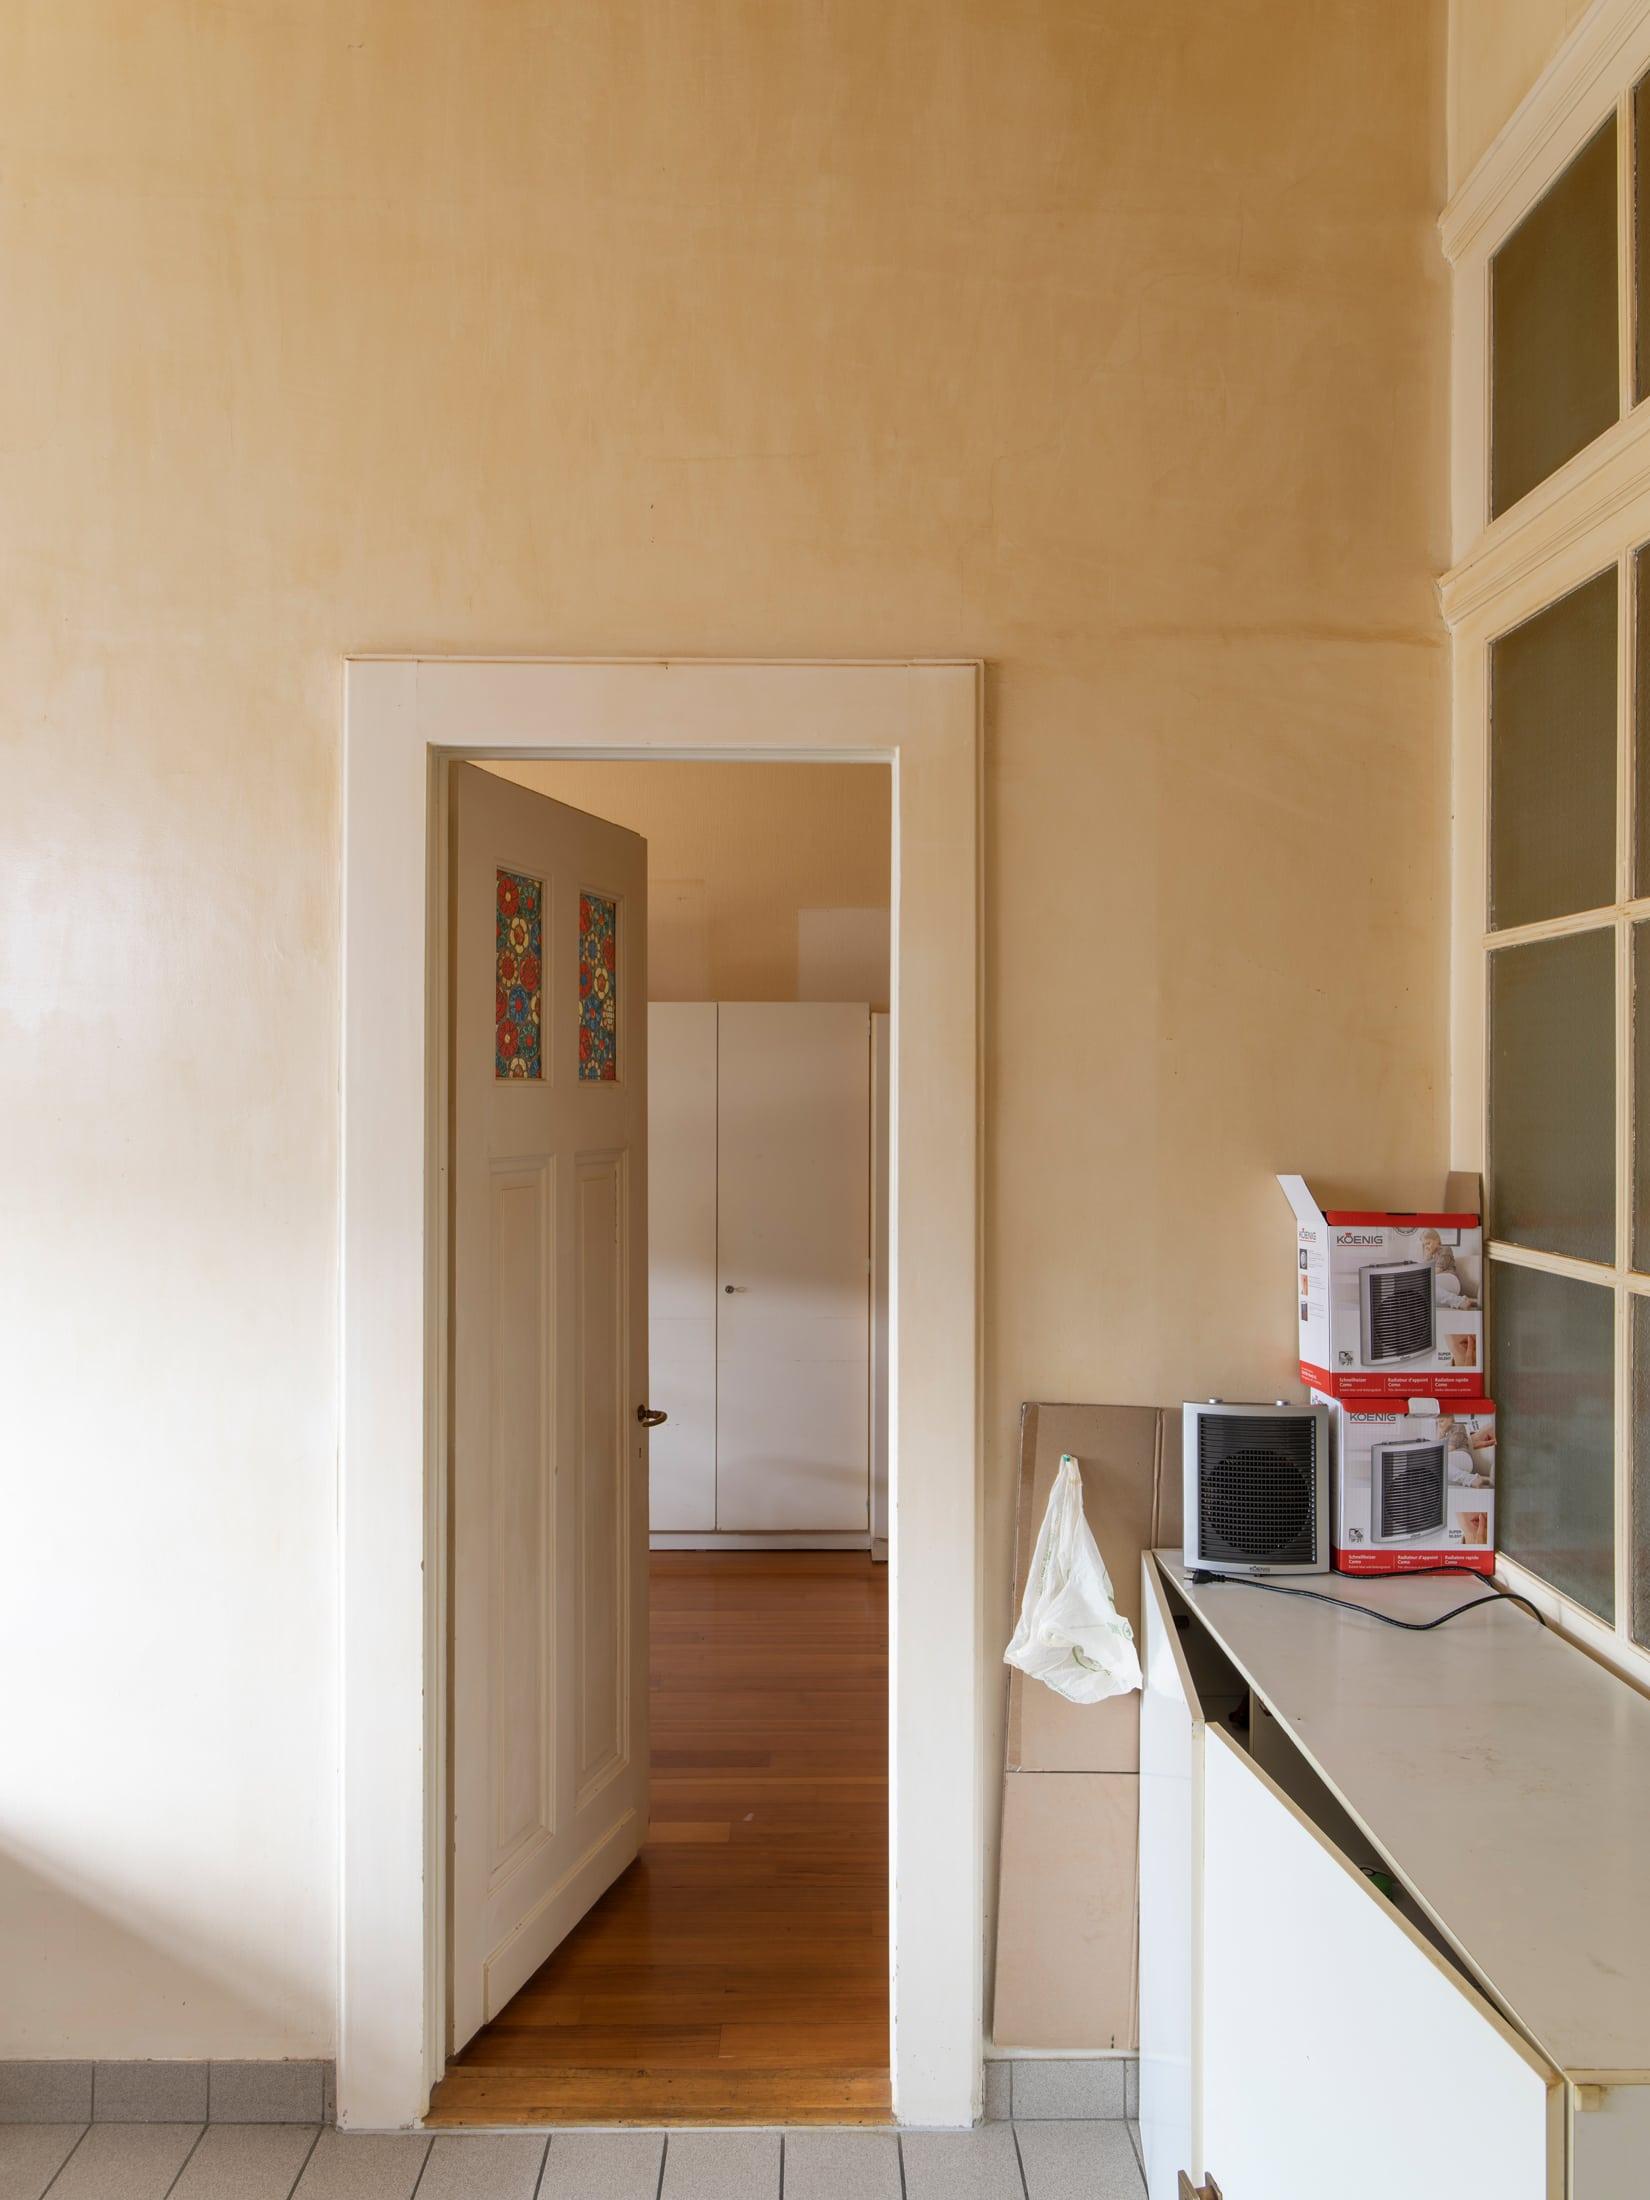 porte ouverte accédant à une chambre